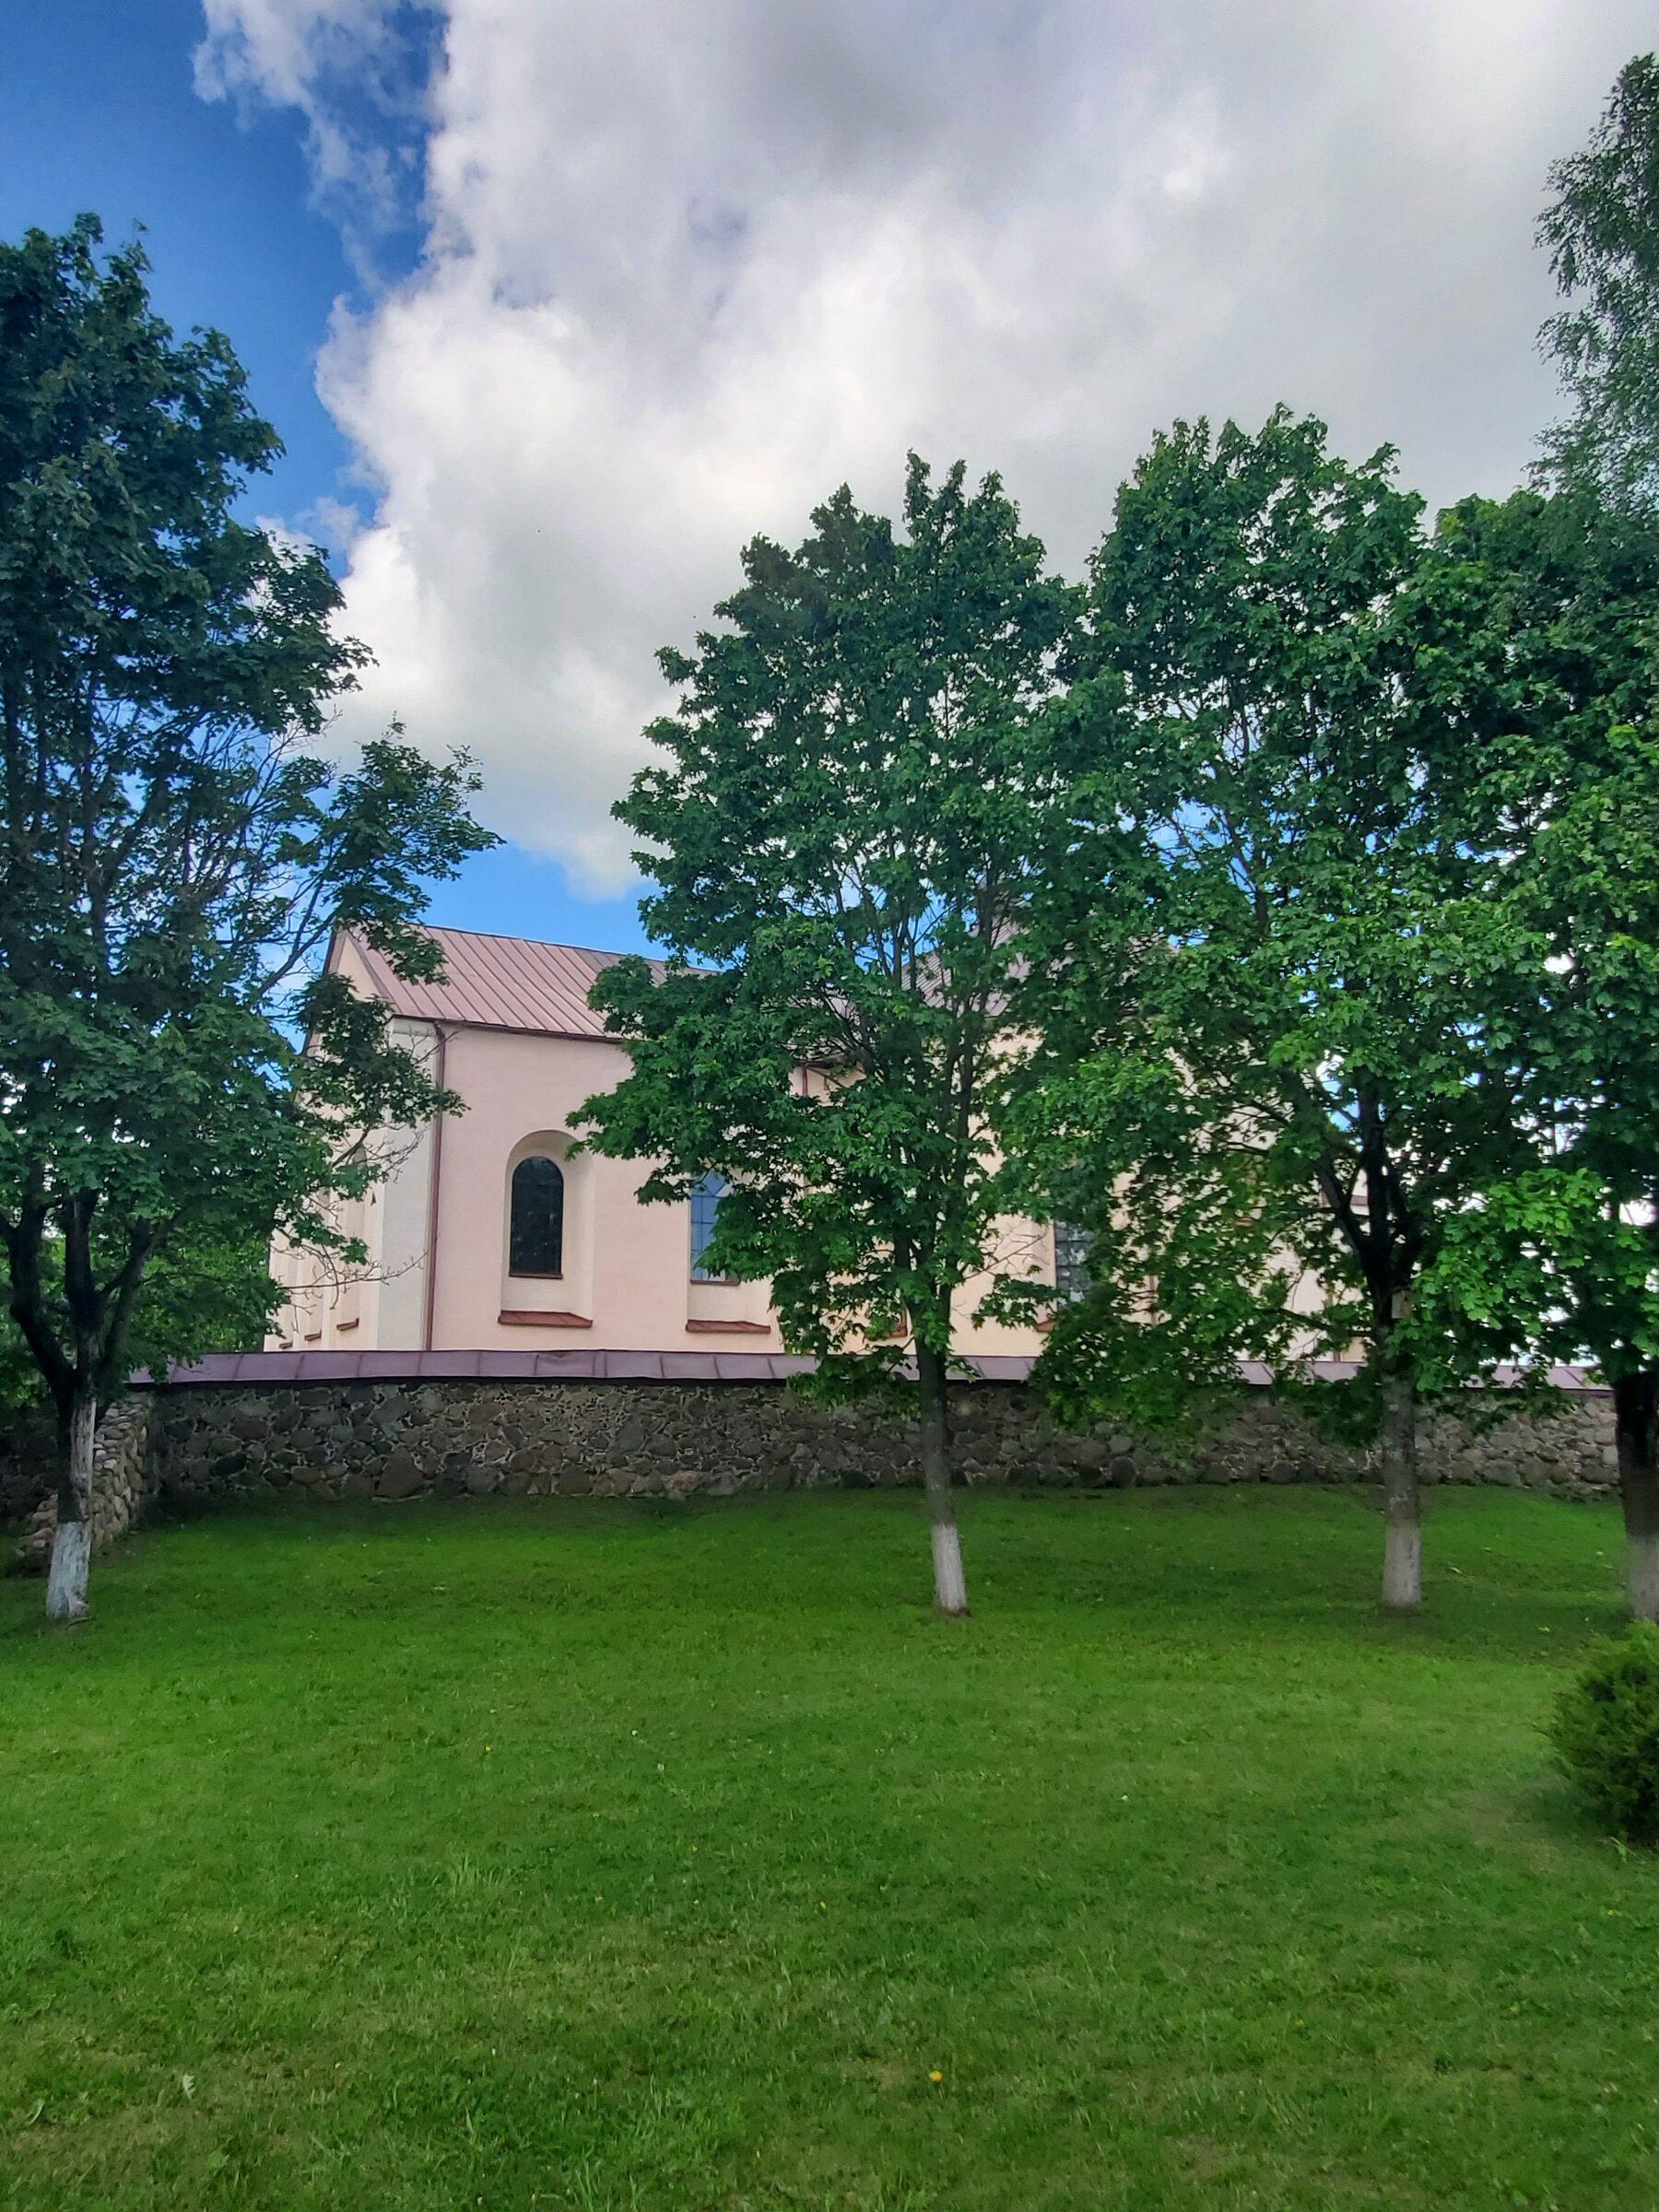 20200606 115932 rotated - Костел Св. Иоанна Крестителя в агрогородке Камаи